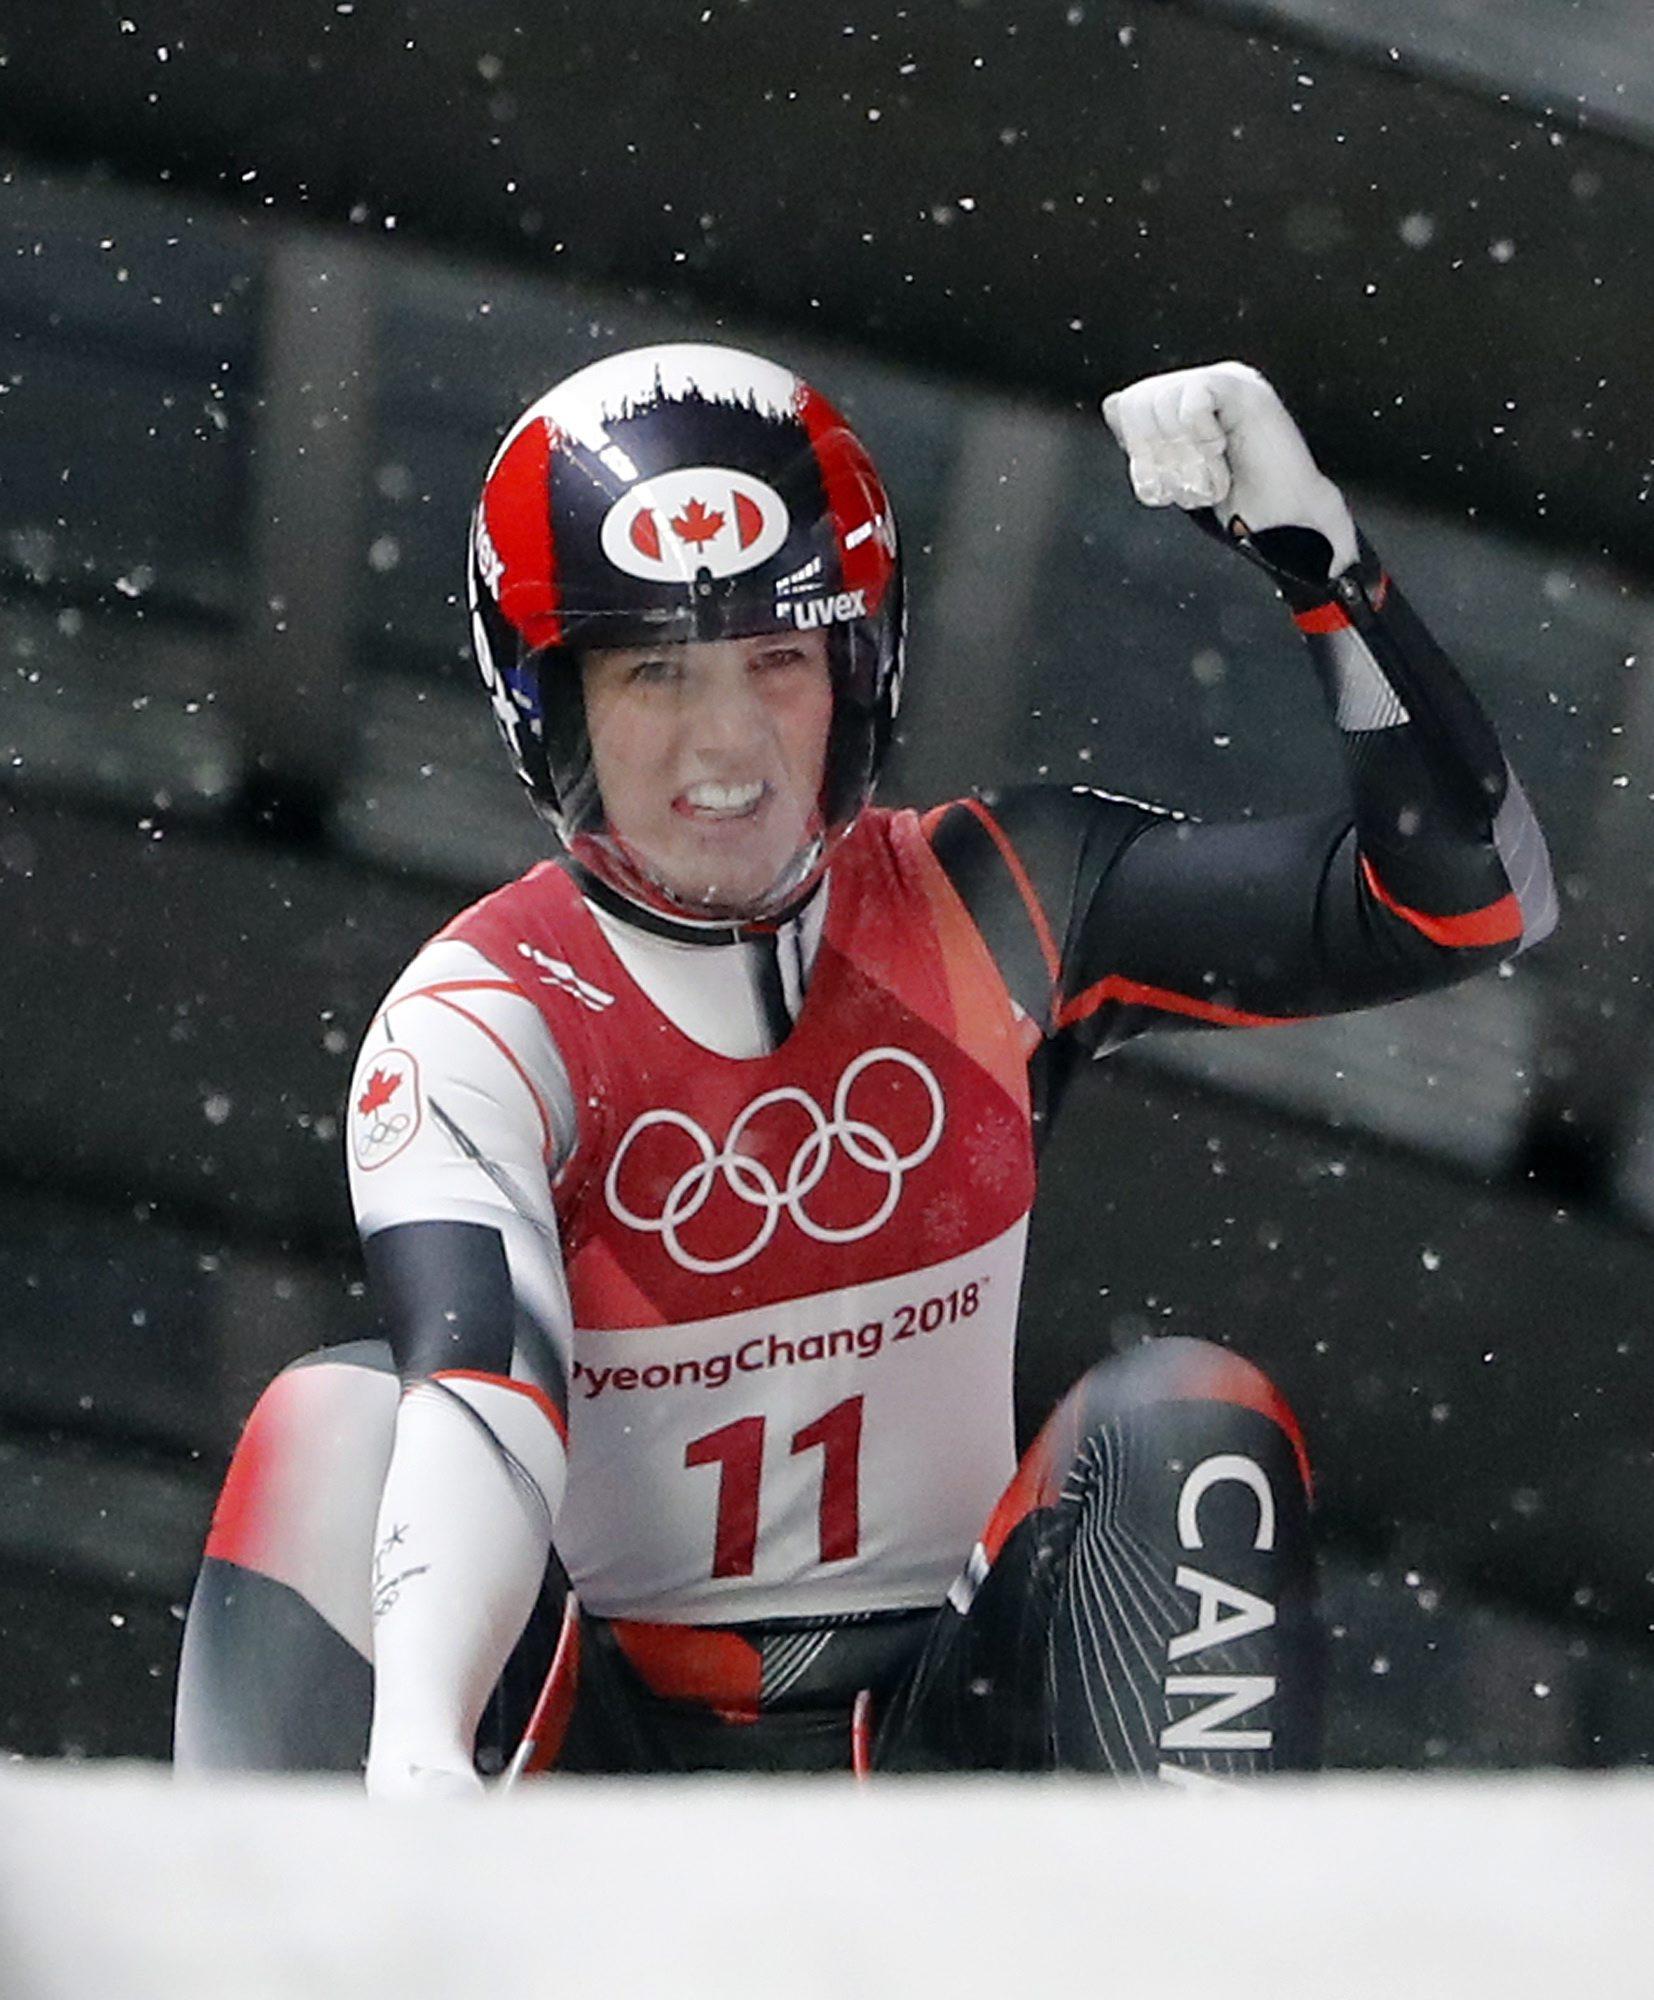 Team Canada Alex Gough PyeongChang 2018